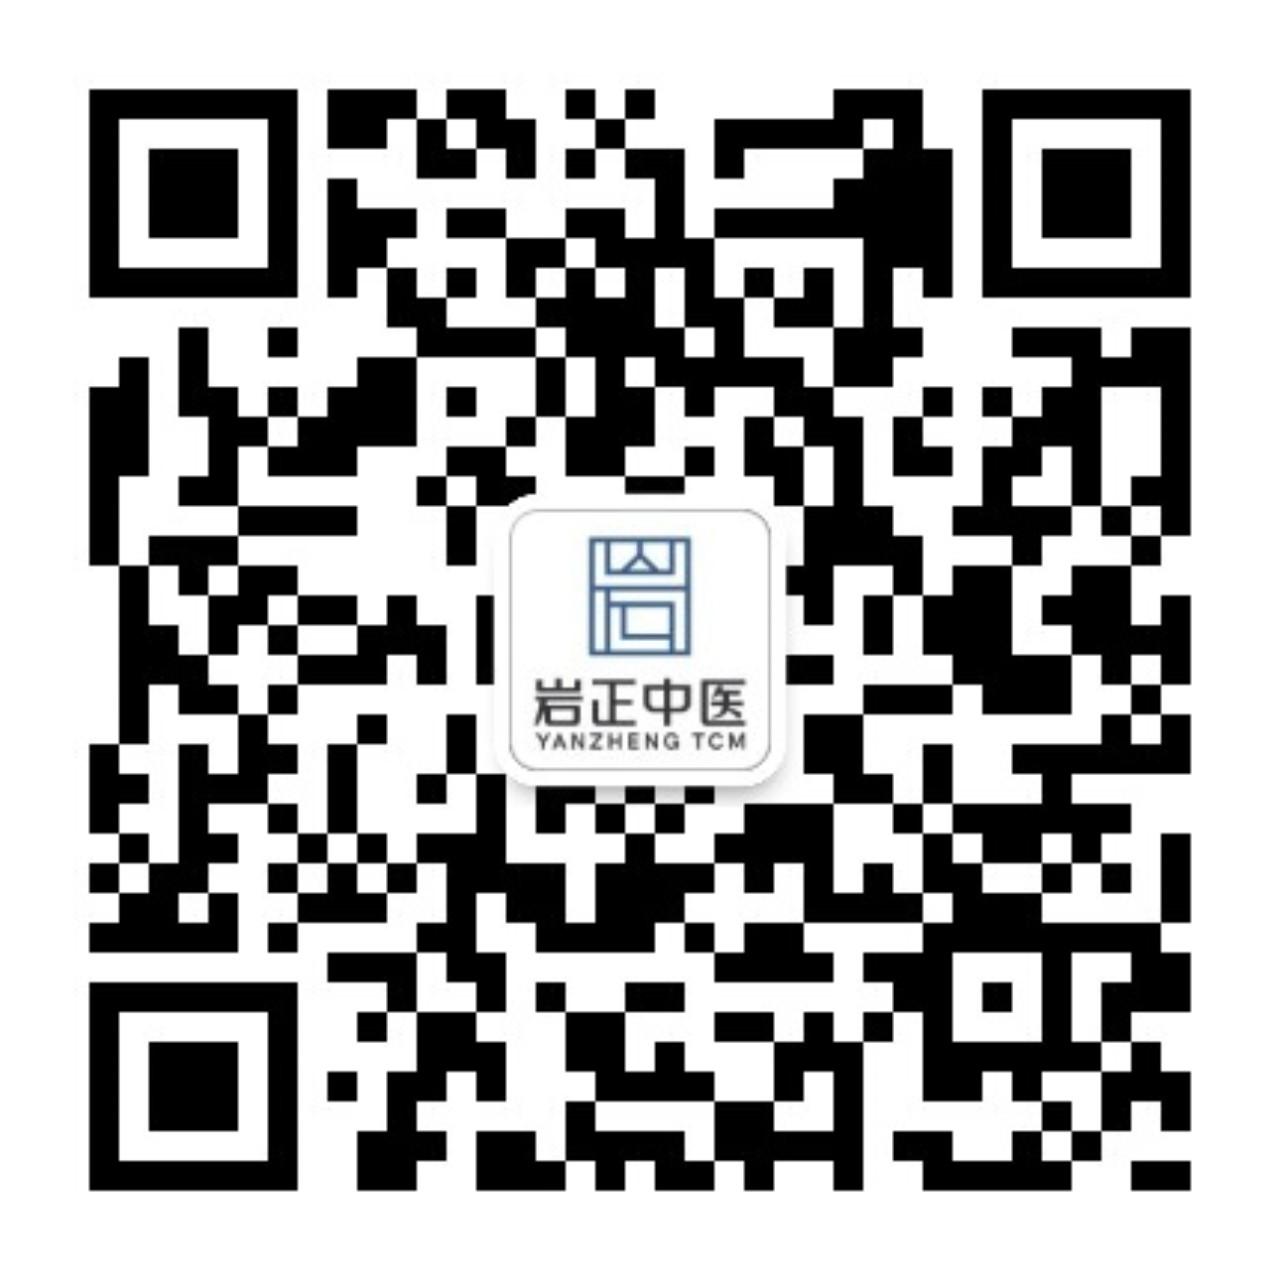 朗佑控股董事长出席四川省委副书记、省长尹力主持召开的2020川商暨民营企业中小企业代表座谈会